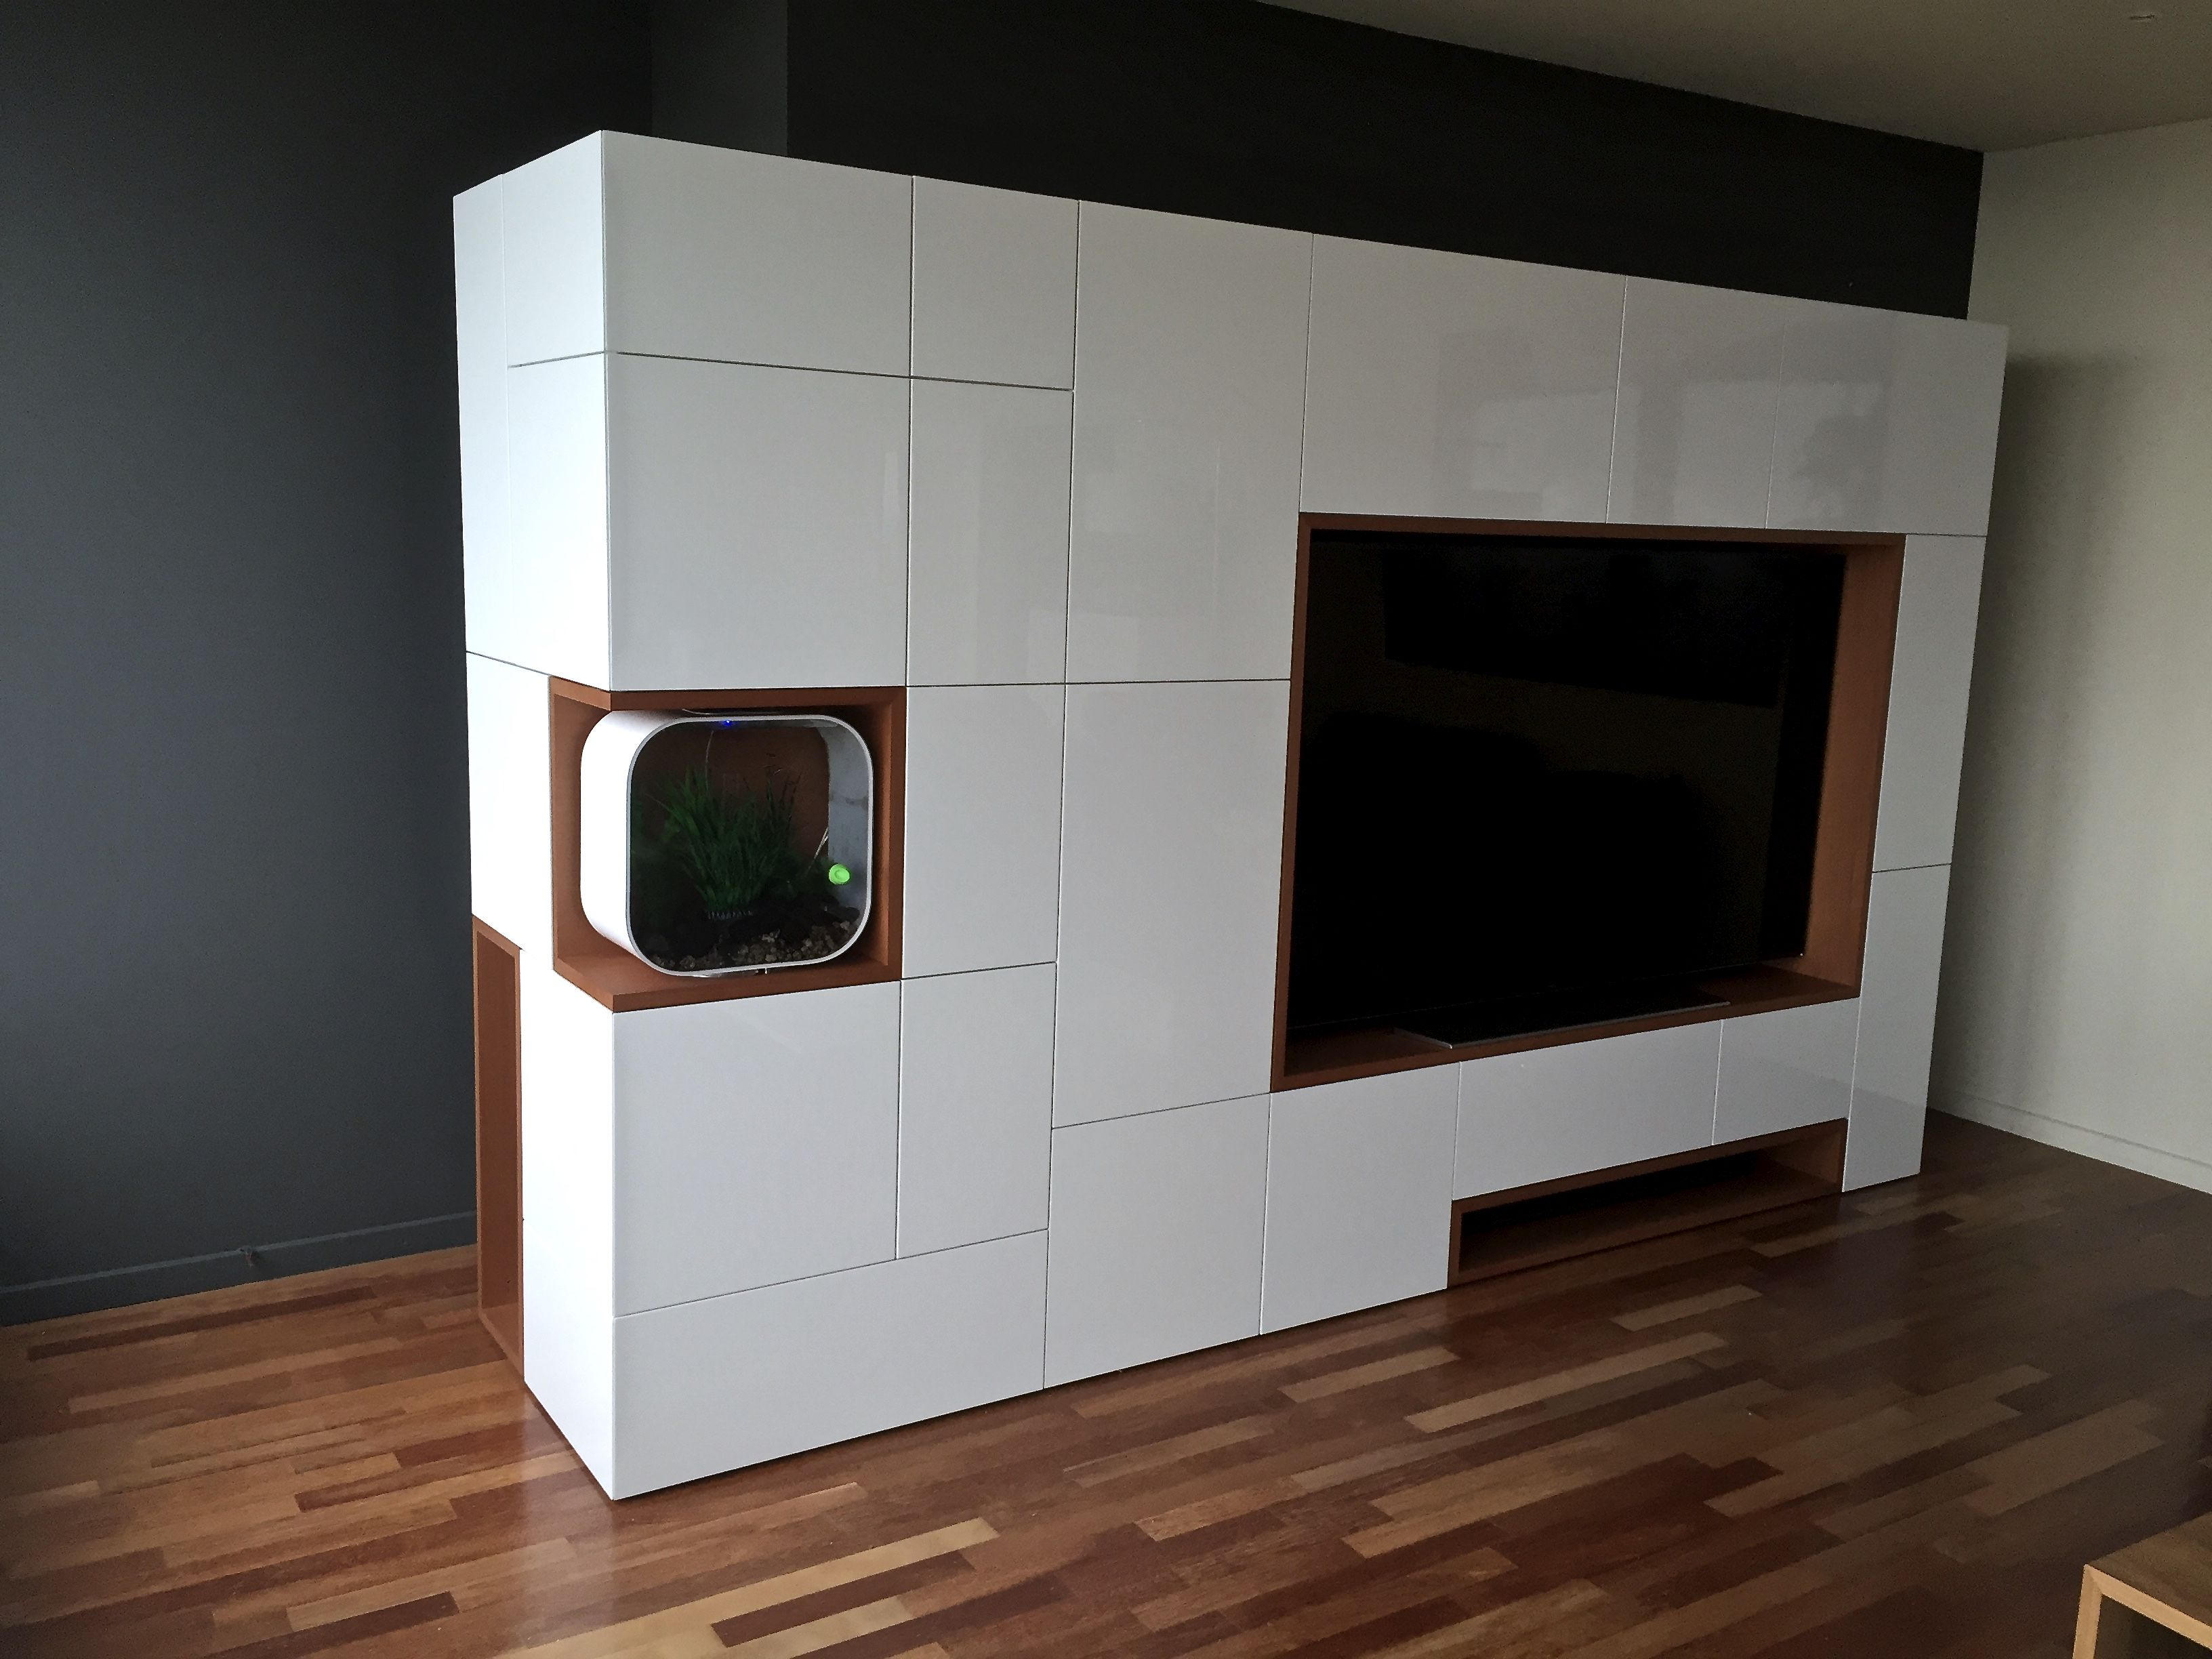 Mahonie Tv Meubel : Functioneel tv meubel in hoogglans lak en mahonie fineer nissen